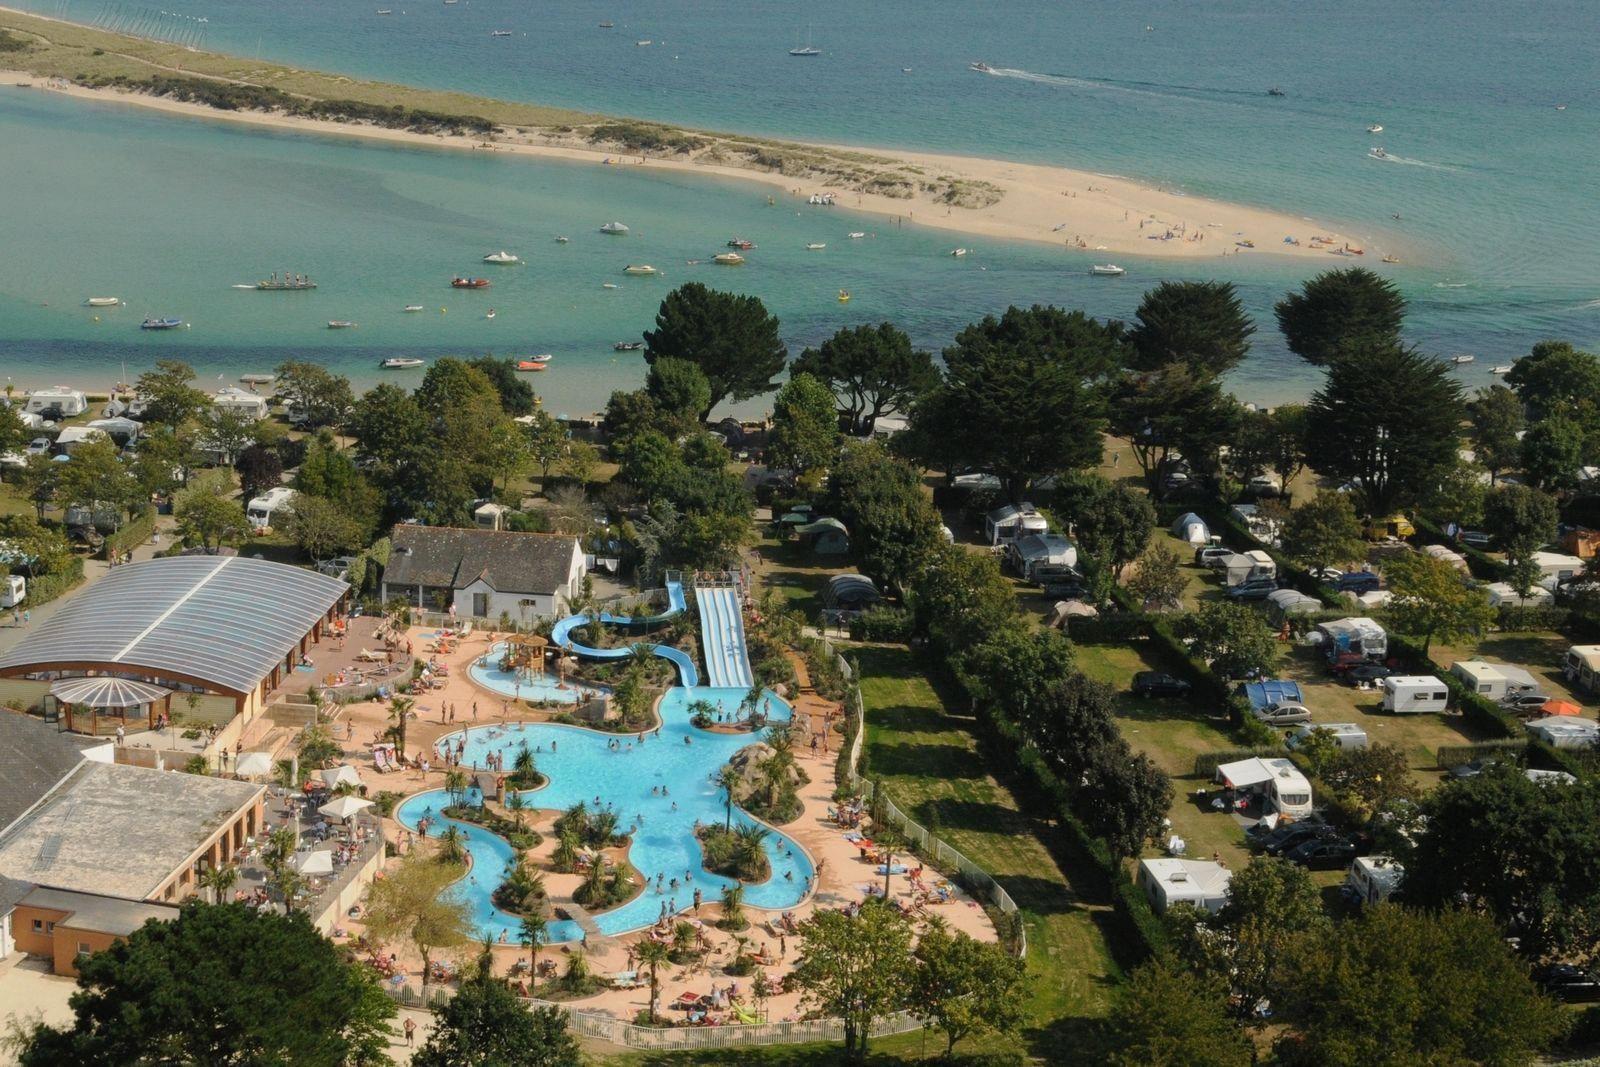 Camping Resorts Near Me CampingKingsCanyon Key